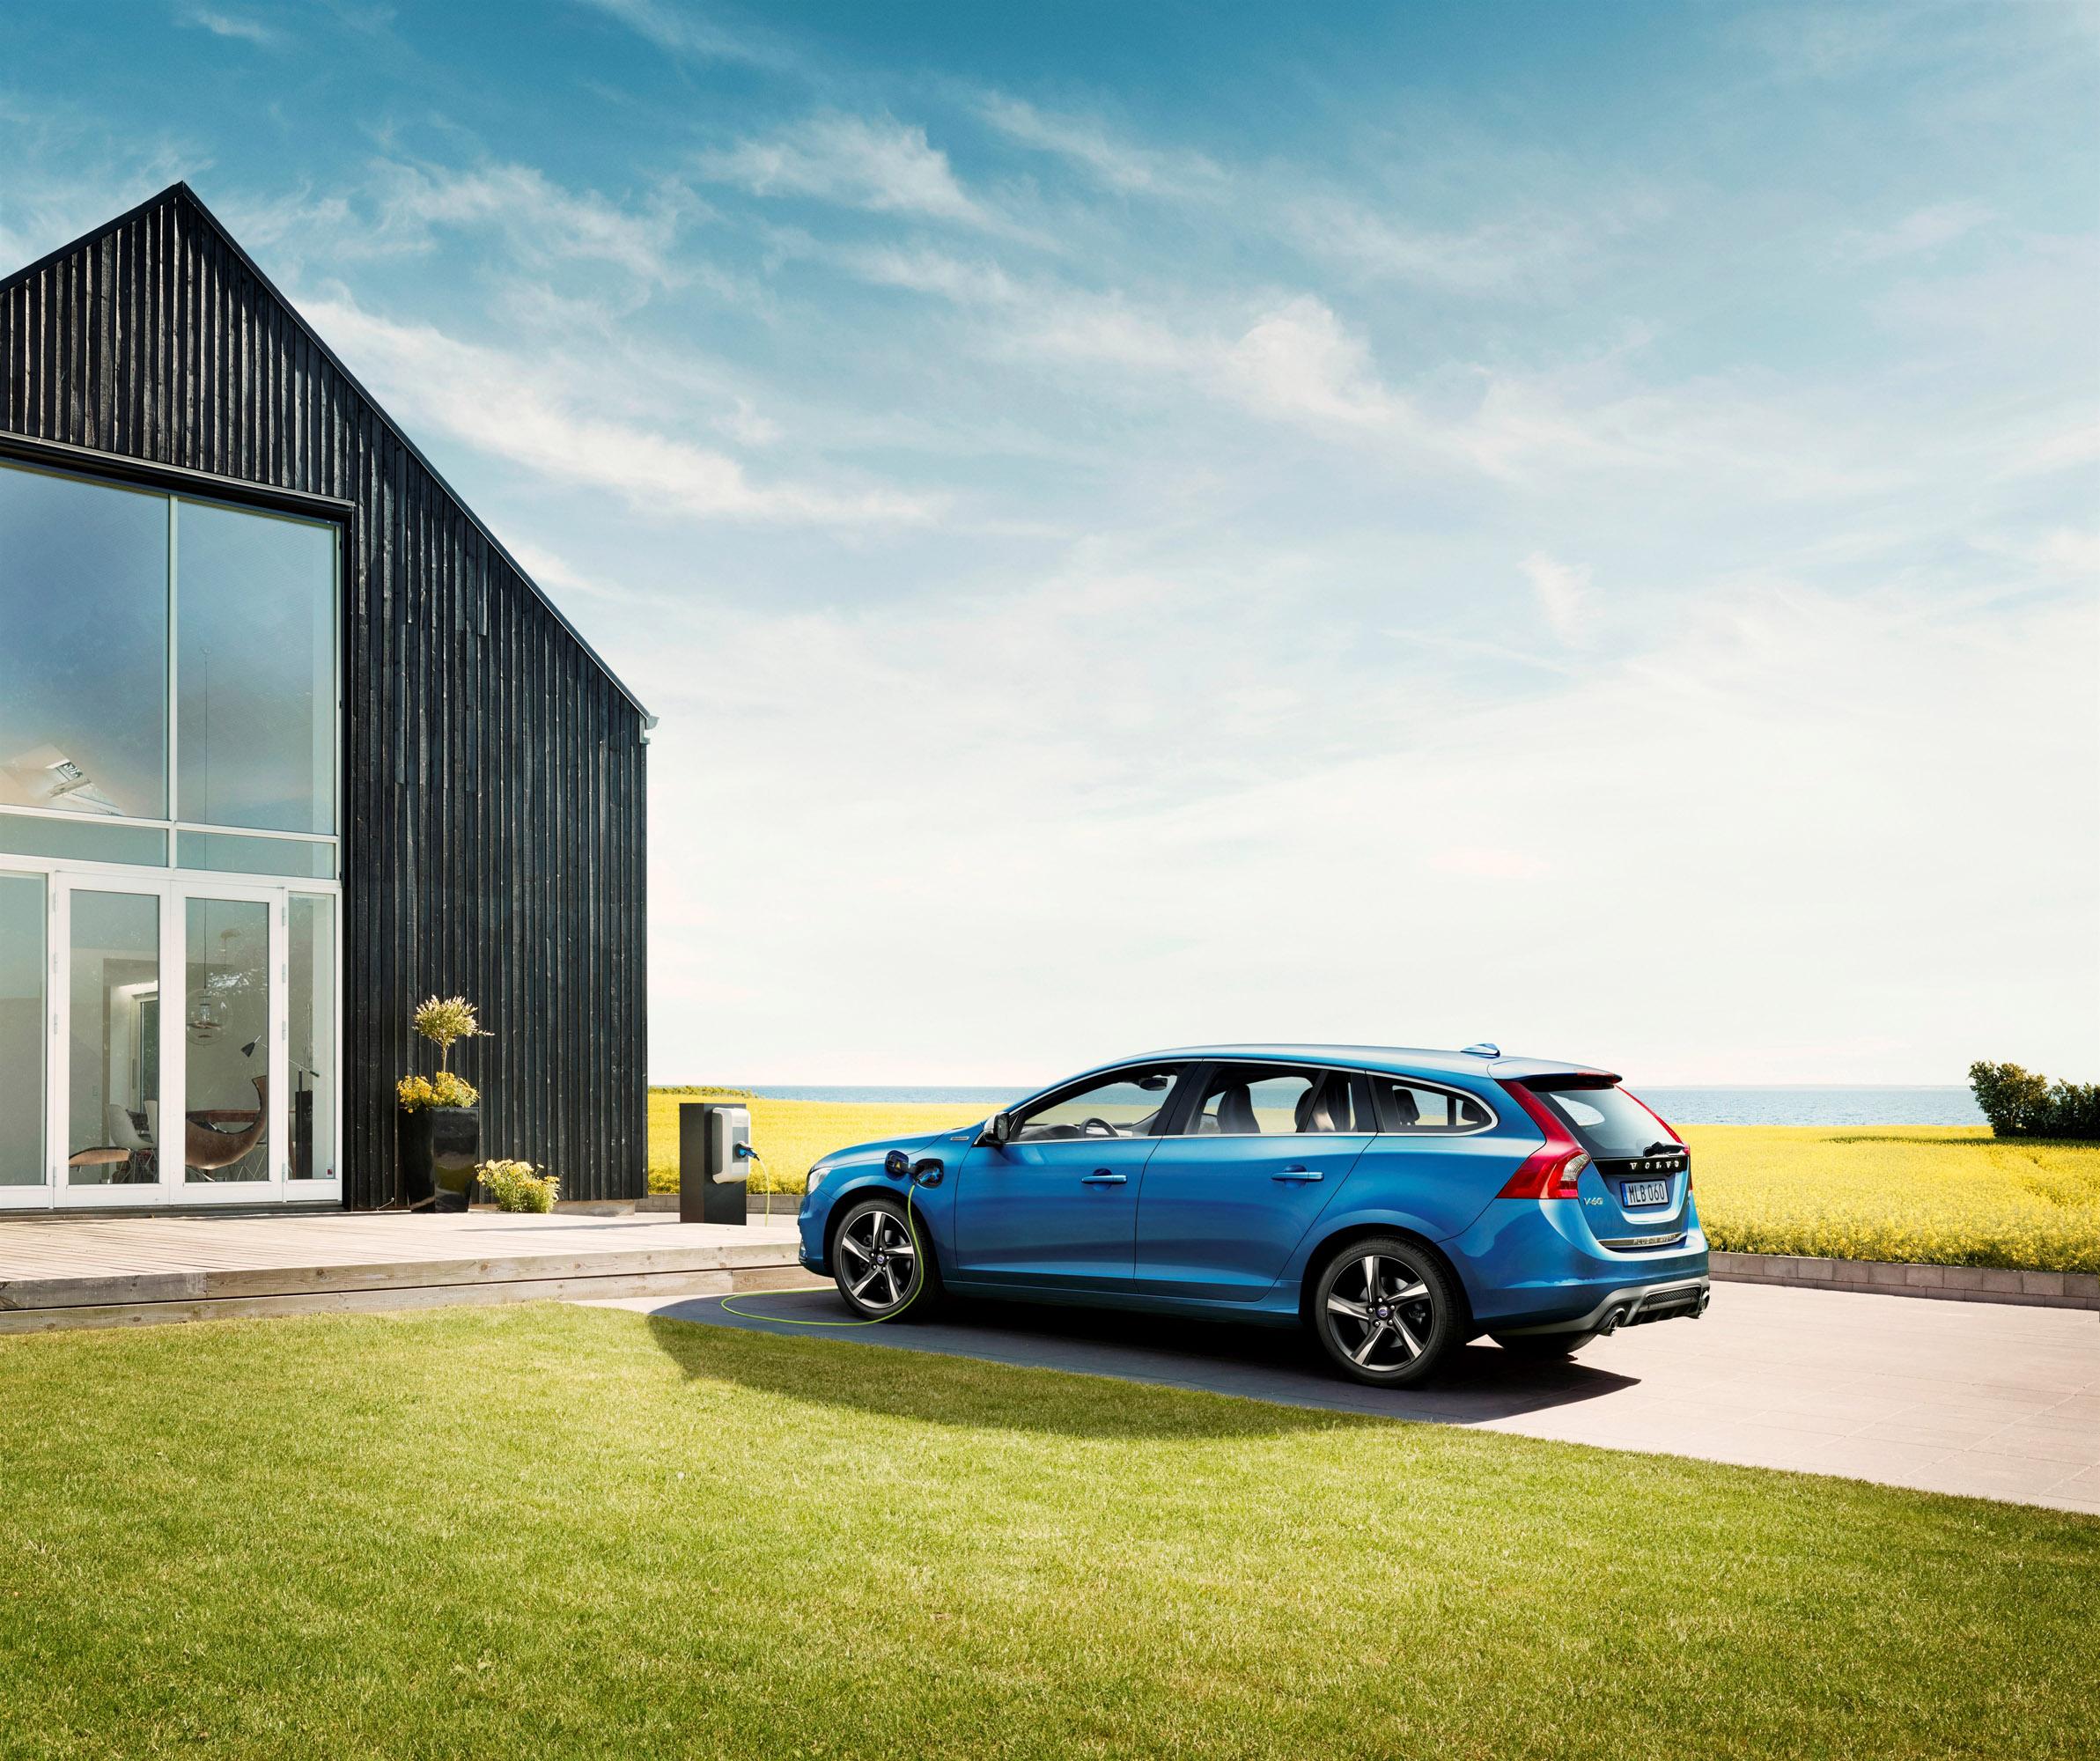 Volvo V60 Wallpaper: Audi Q5 Specifications